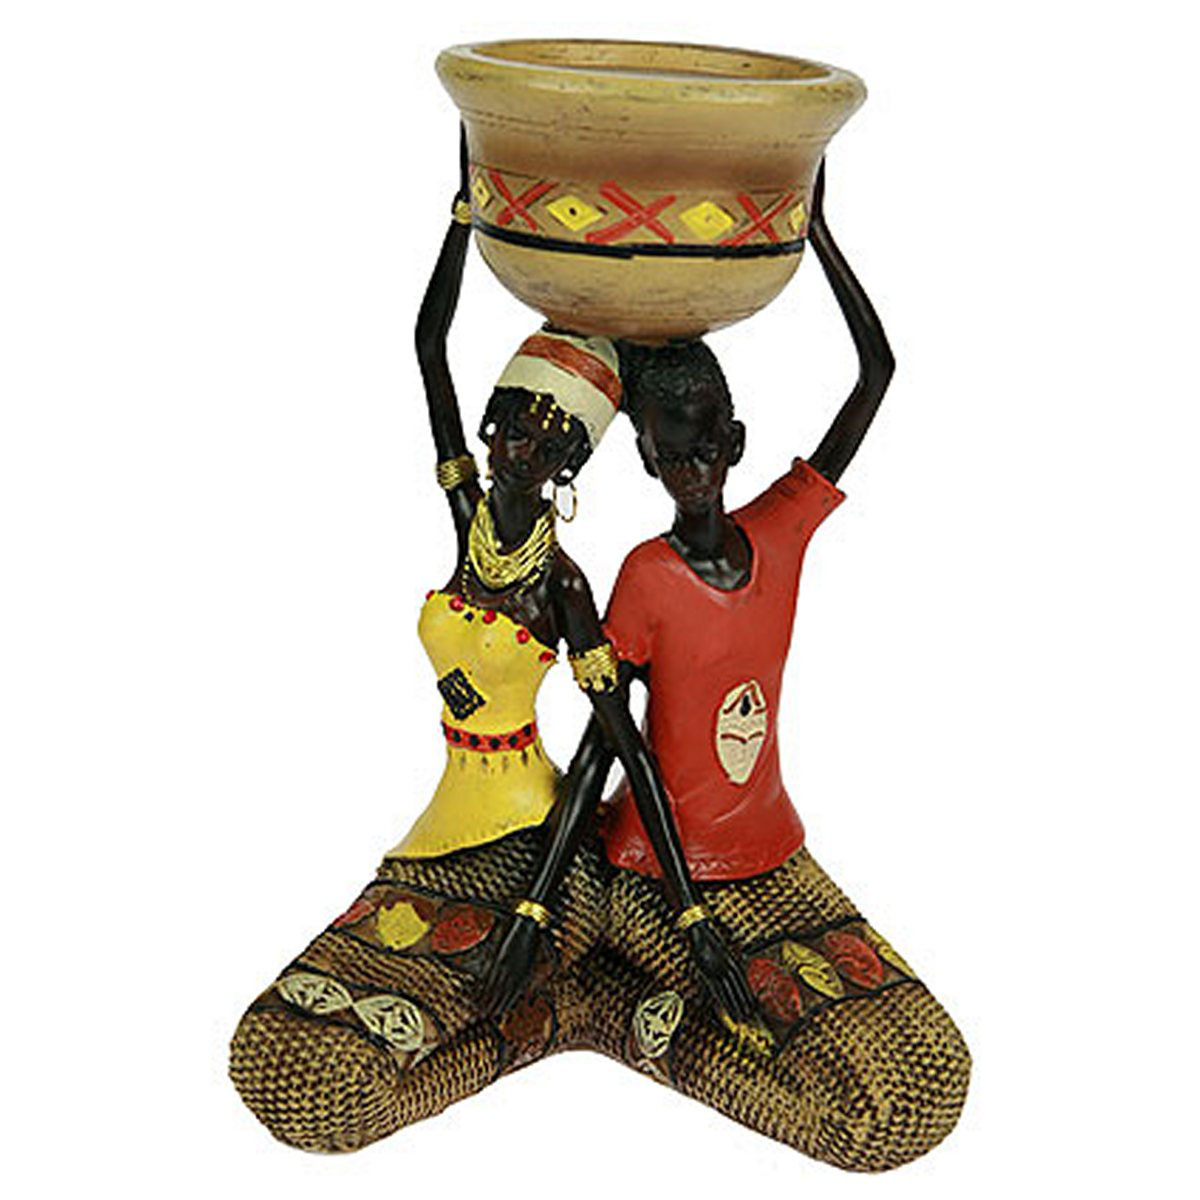 Статуэтка Русские Подарки Африканка, 16 х 12 х 23 см. 2613726167Статуэтка Русские Подарки Африканка, изготовленная из полистоуна, имеет изысканный внешний вид. Изделие станет прекрасным украшением интерьера гостиной, офиса или дома. Вы можете поставить статуэтку в любое место, где она будет удачно смотреться и радовать глаз. Правила ухода: регулярно вытирать пыль сухой, мягкой тканью.